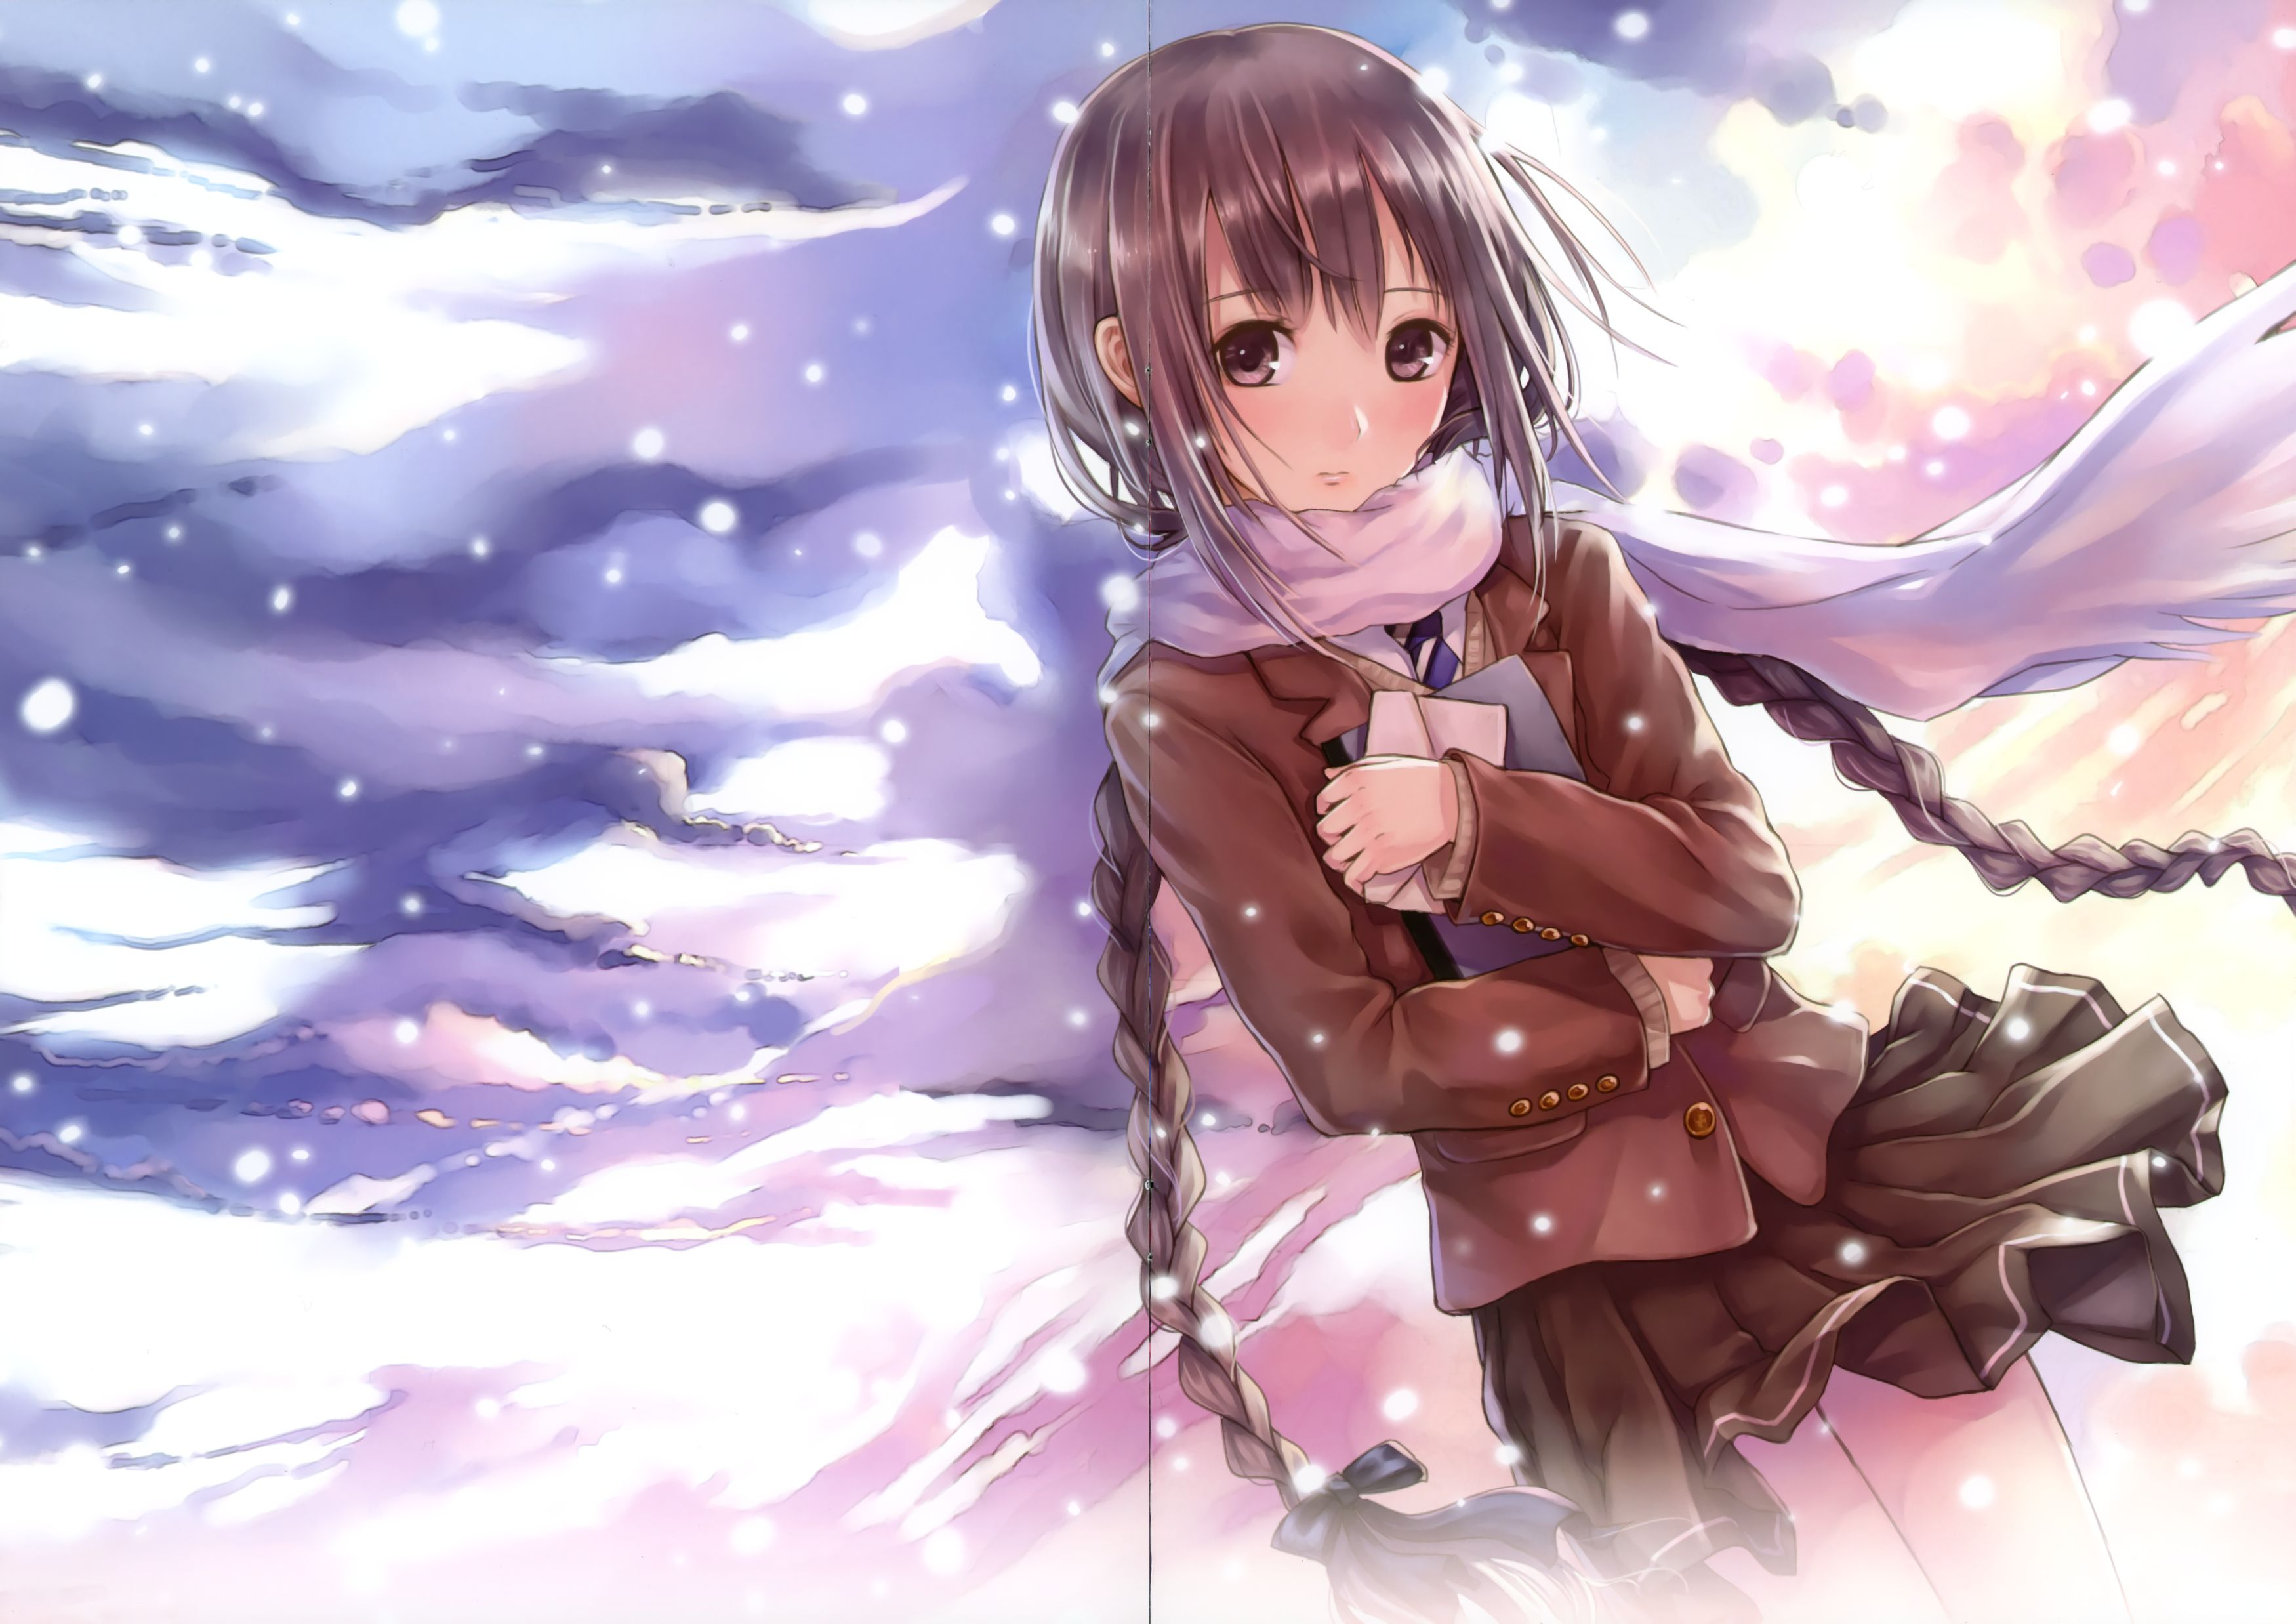 动漫美少女图片要梦幻一点的场景,可爱女生图片